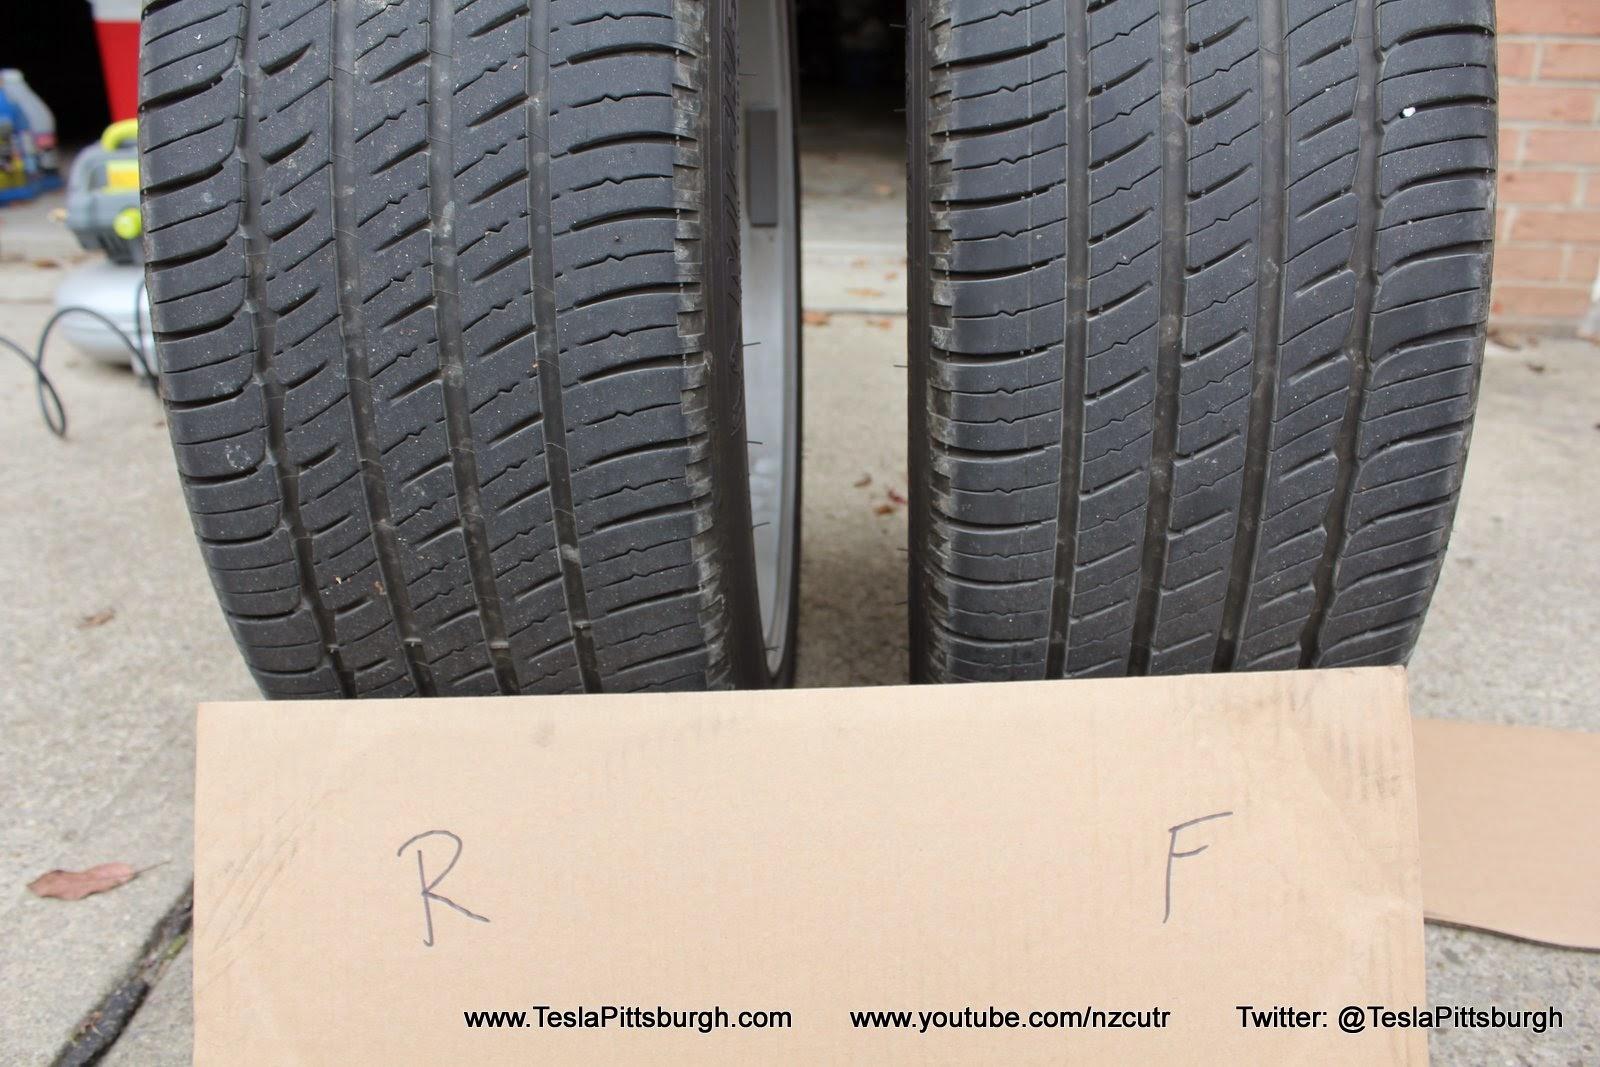 Model-S-Tire-Rotation-Wear